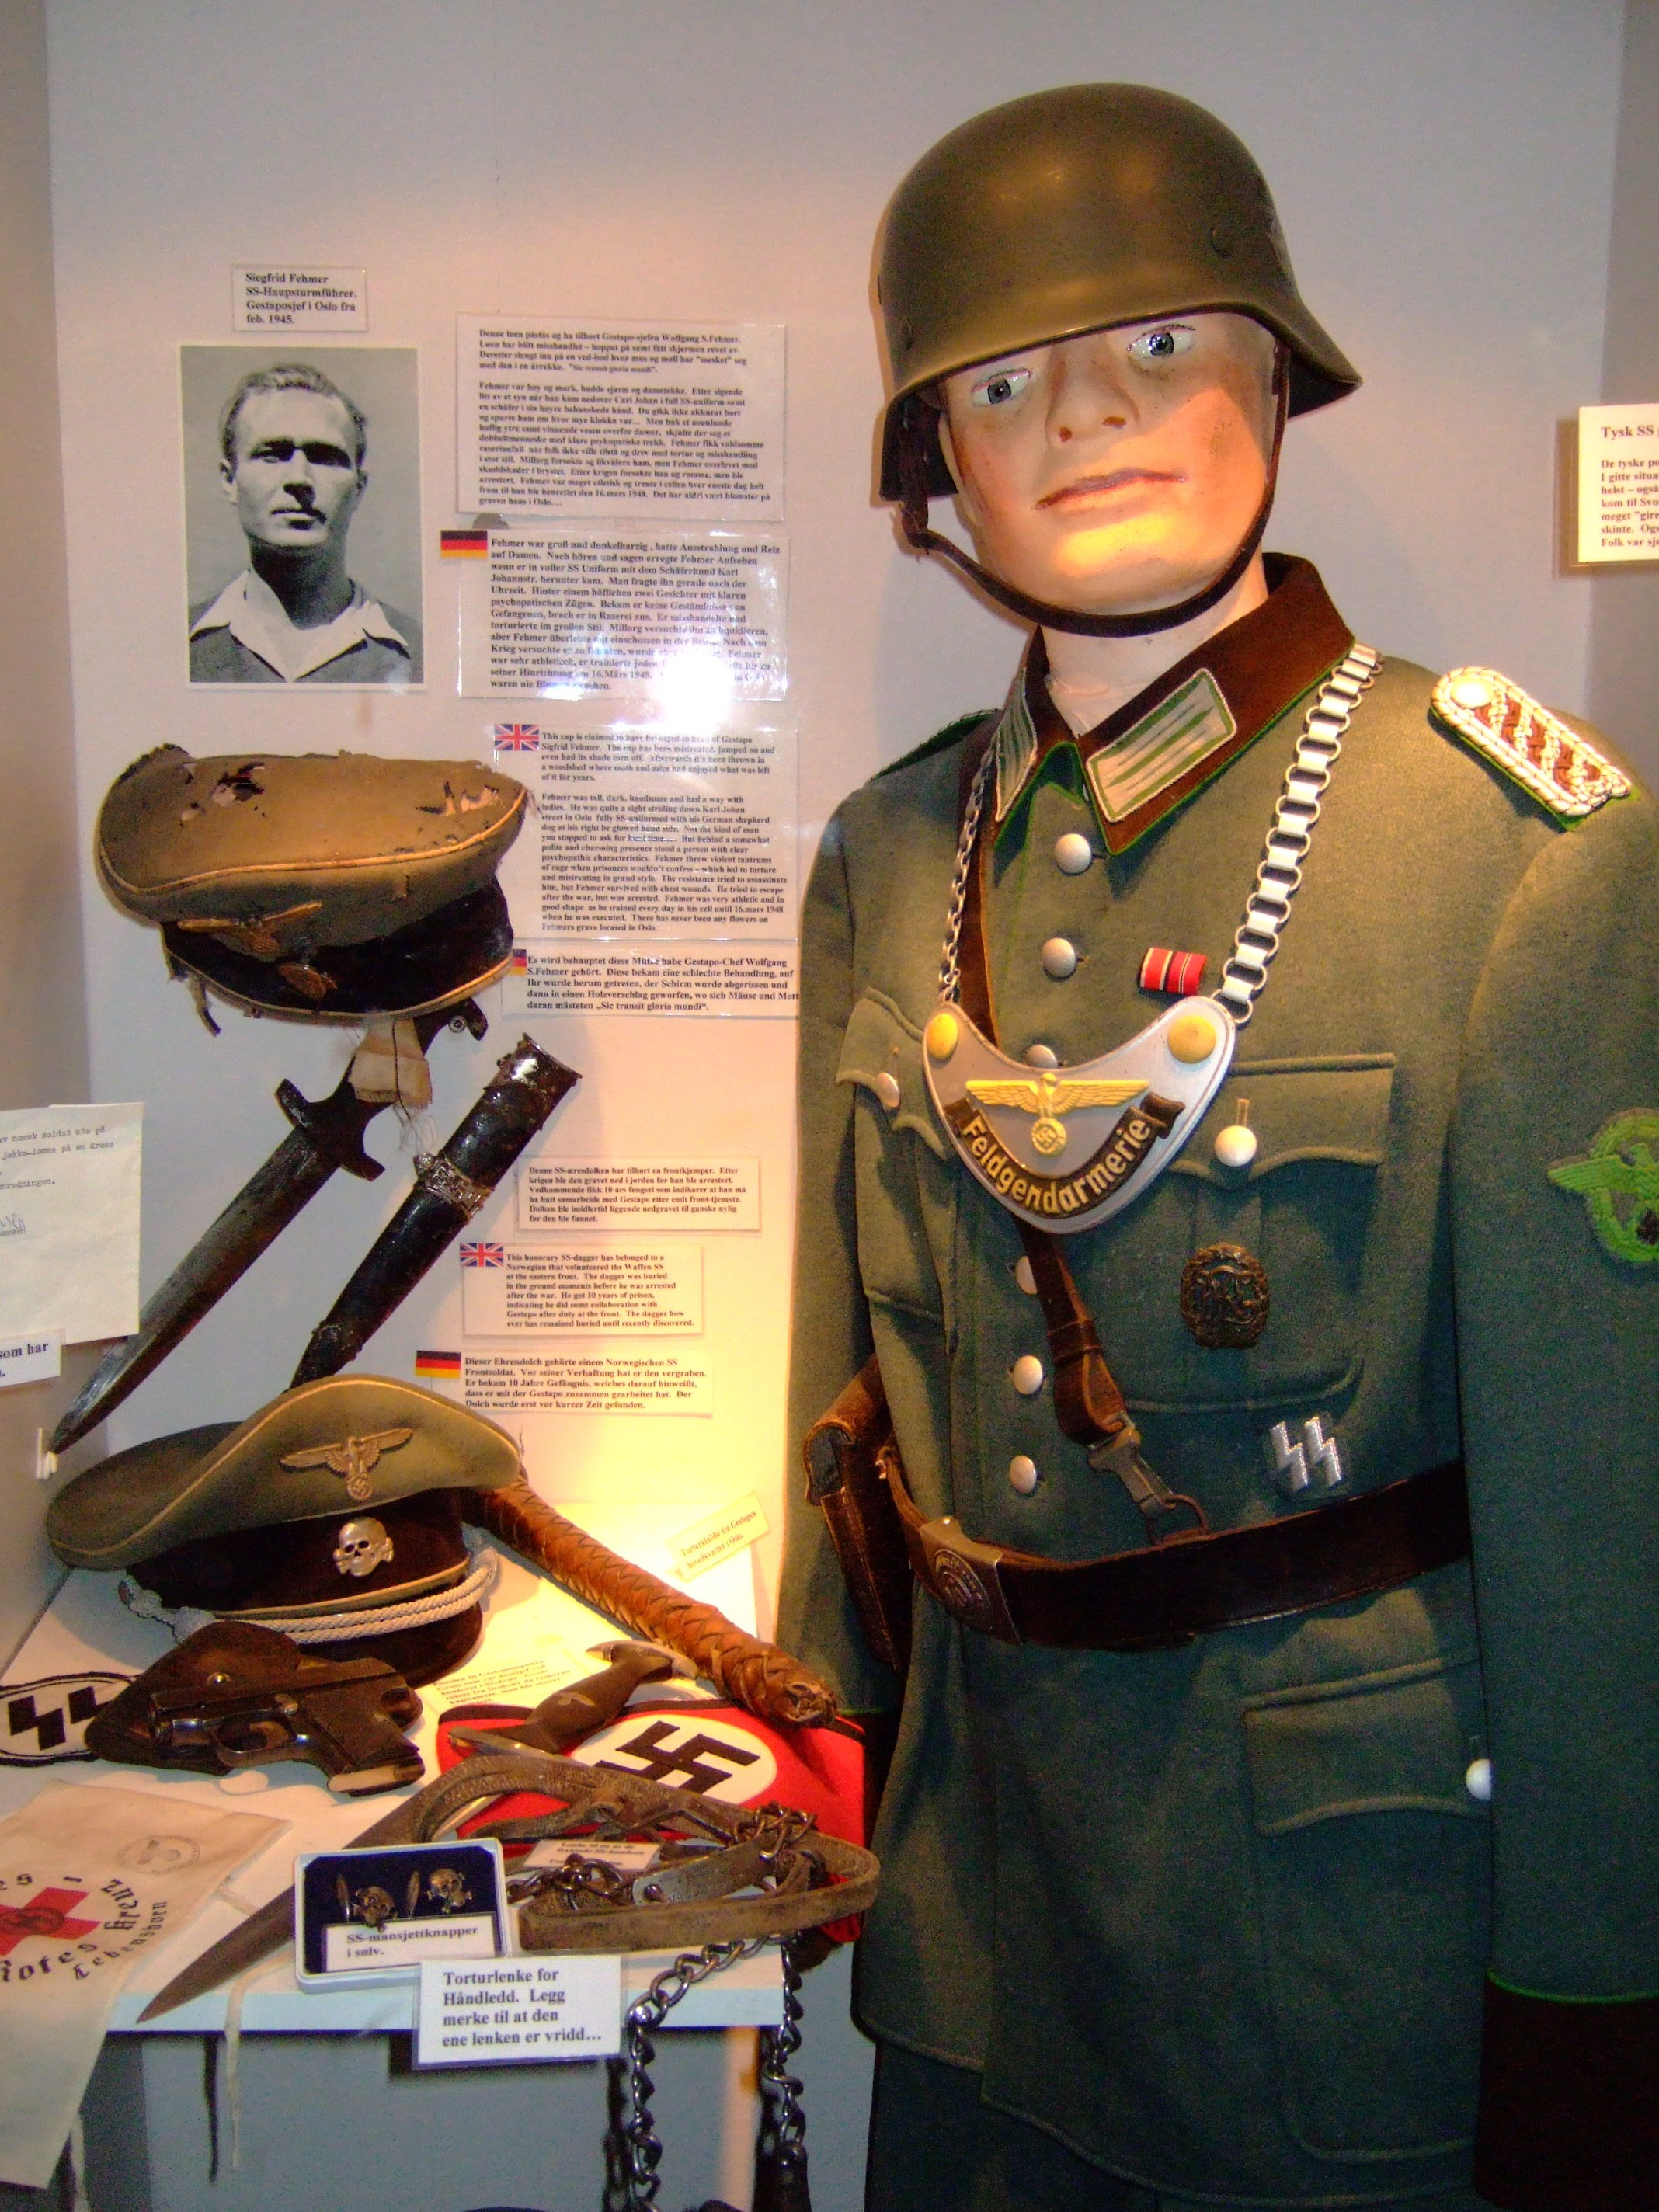 Wehrmacht officer uniform